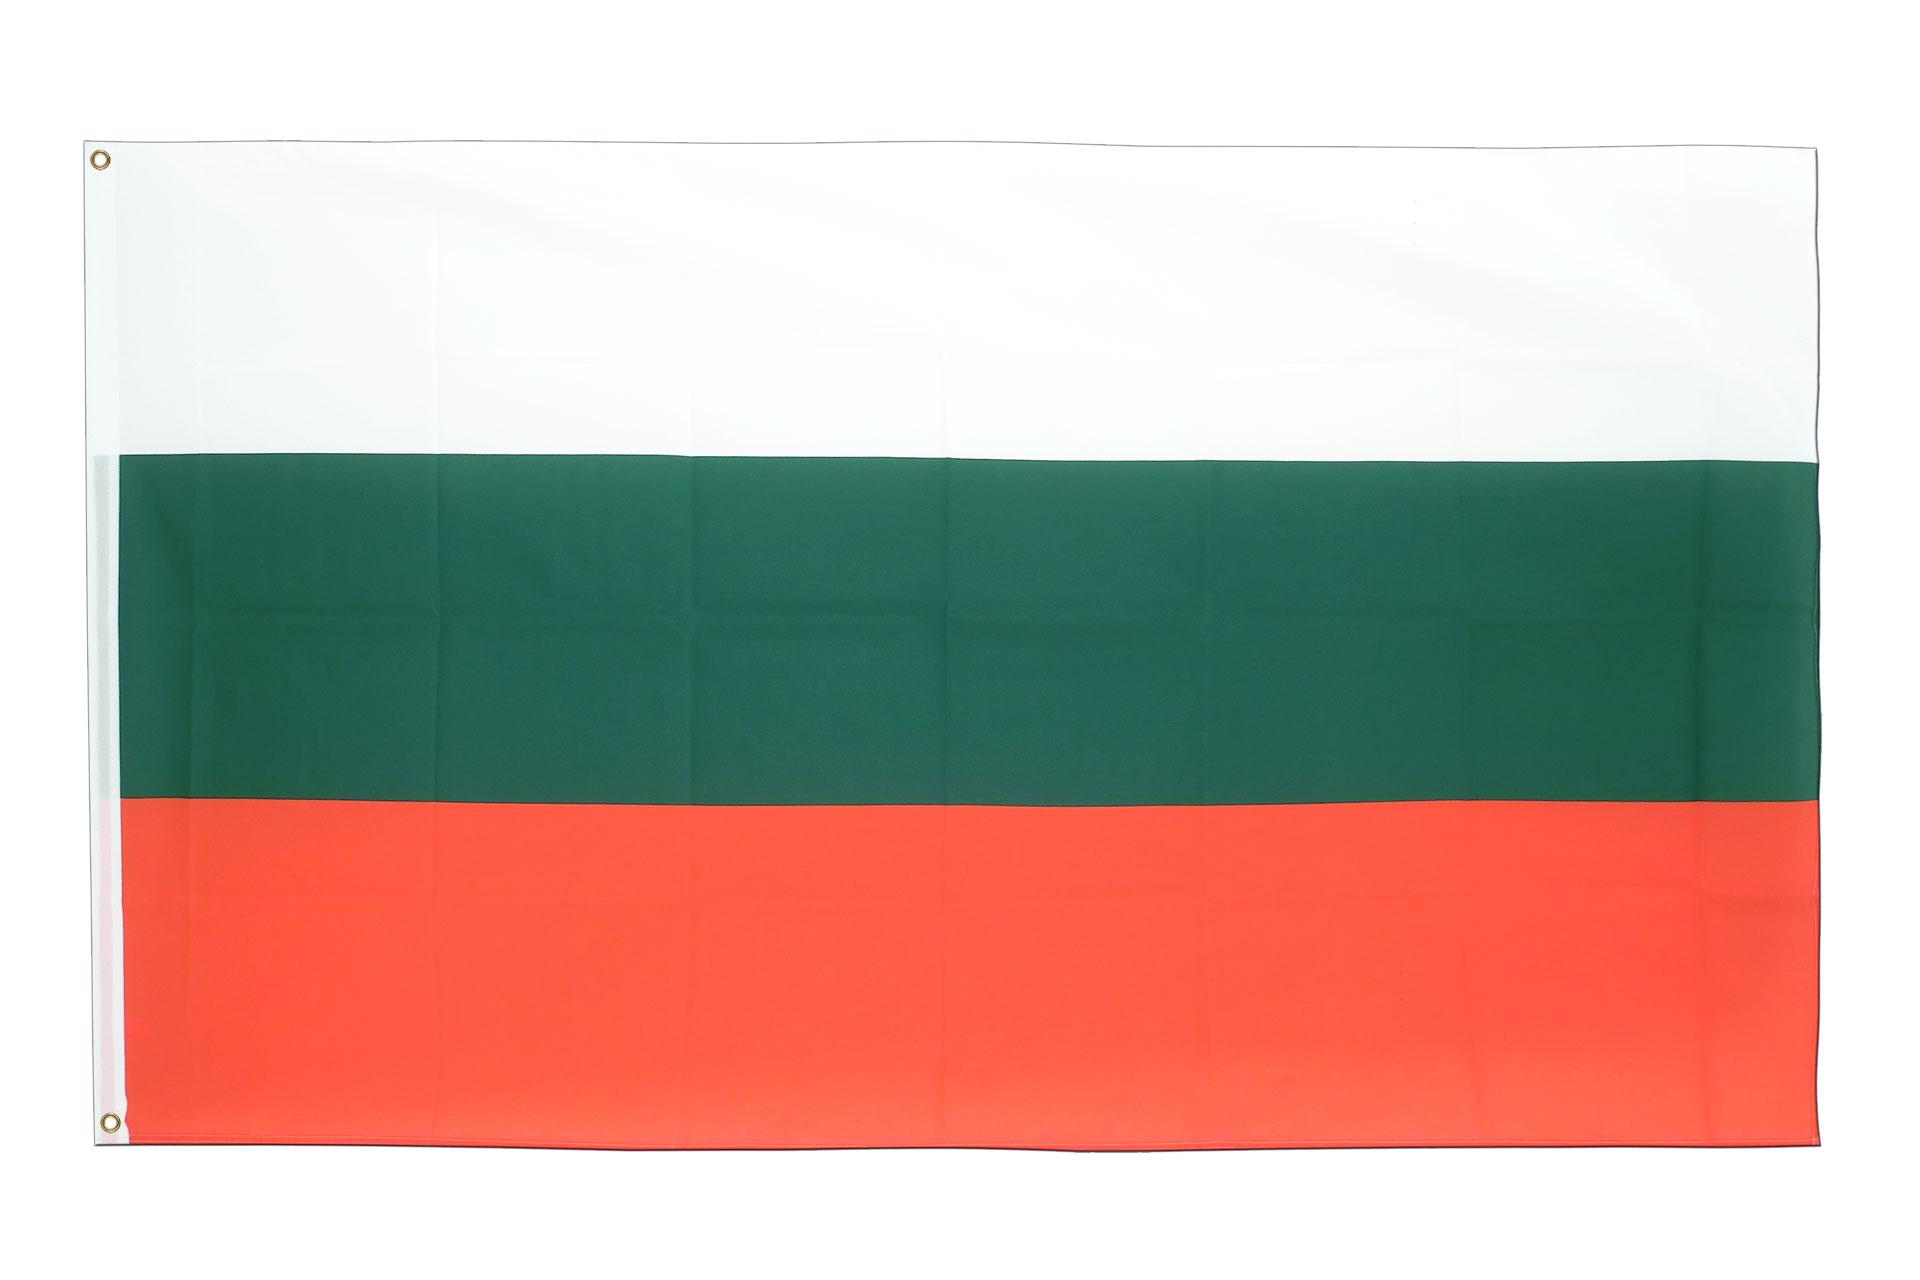 Drapeau pas cher bulgarie 60 x 90 cm monsieur des drapeaux for Drapeau publicitaire exterieur pas cher